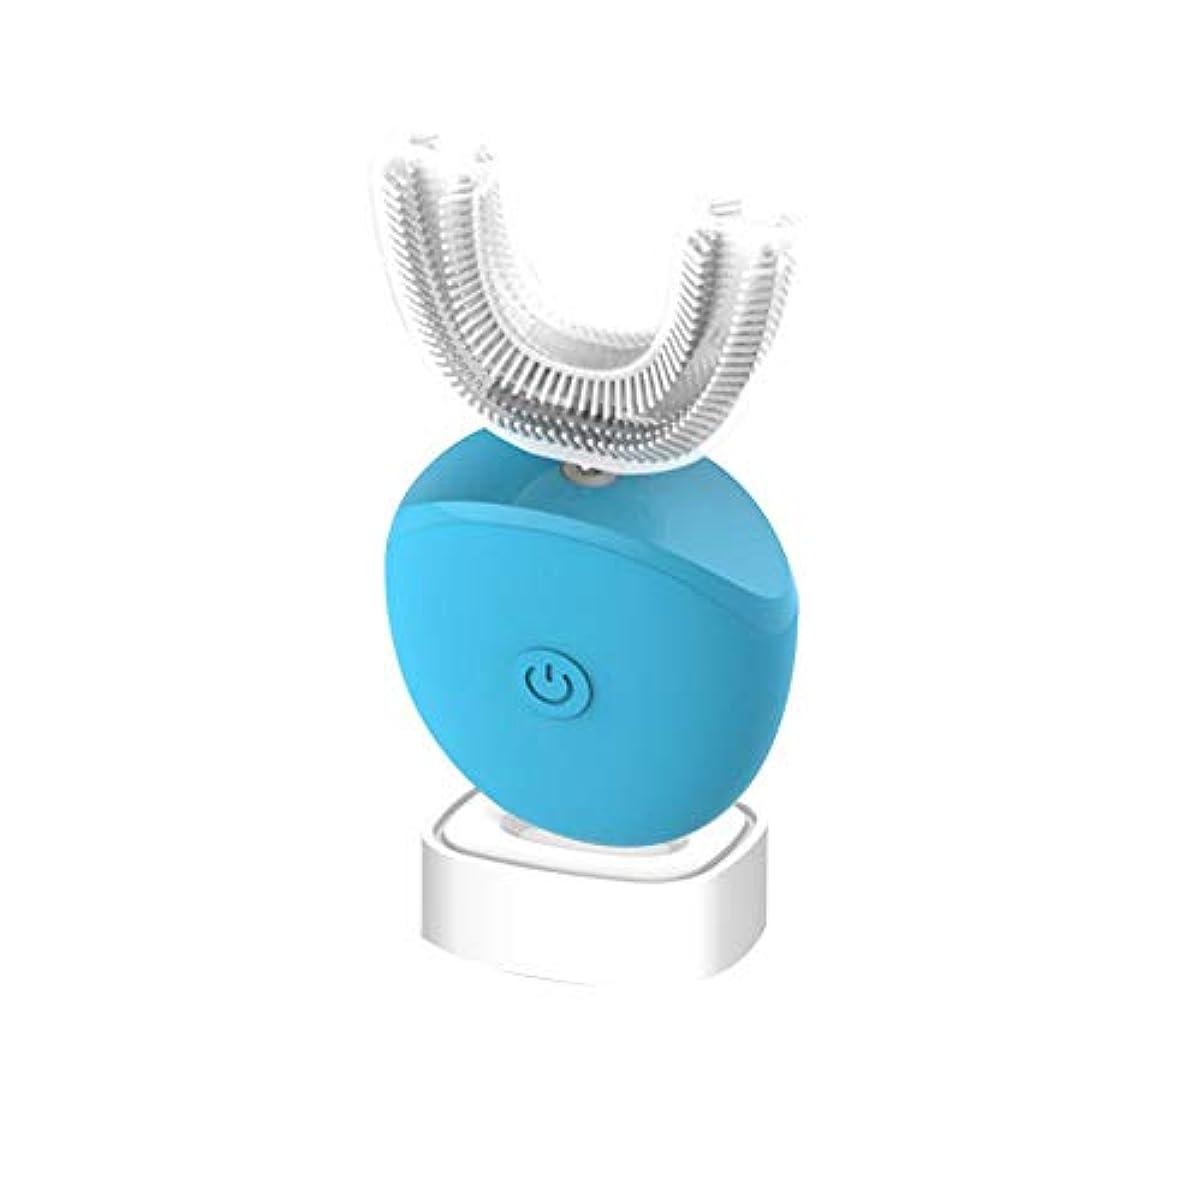 差罪歩行者フルオートマチック可変周波数電動歯ブラシ、自動360度U字型電動歯ブラシ、ワイヤレス充電IPX7防水自動歯ブラシ(大人用),Blue